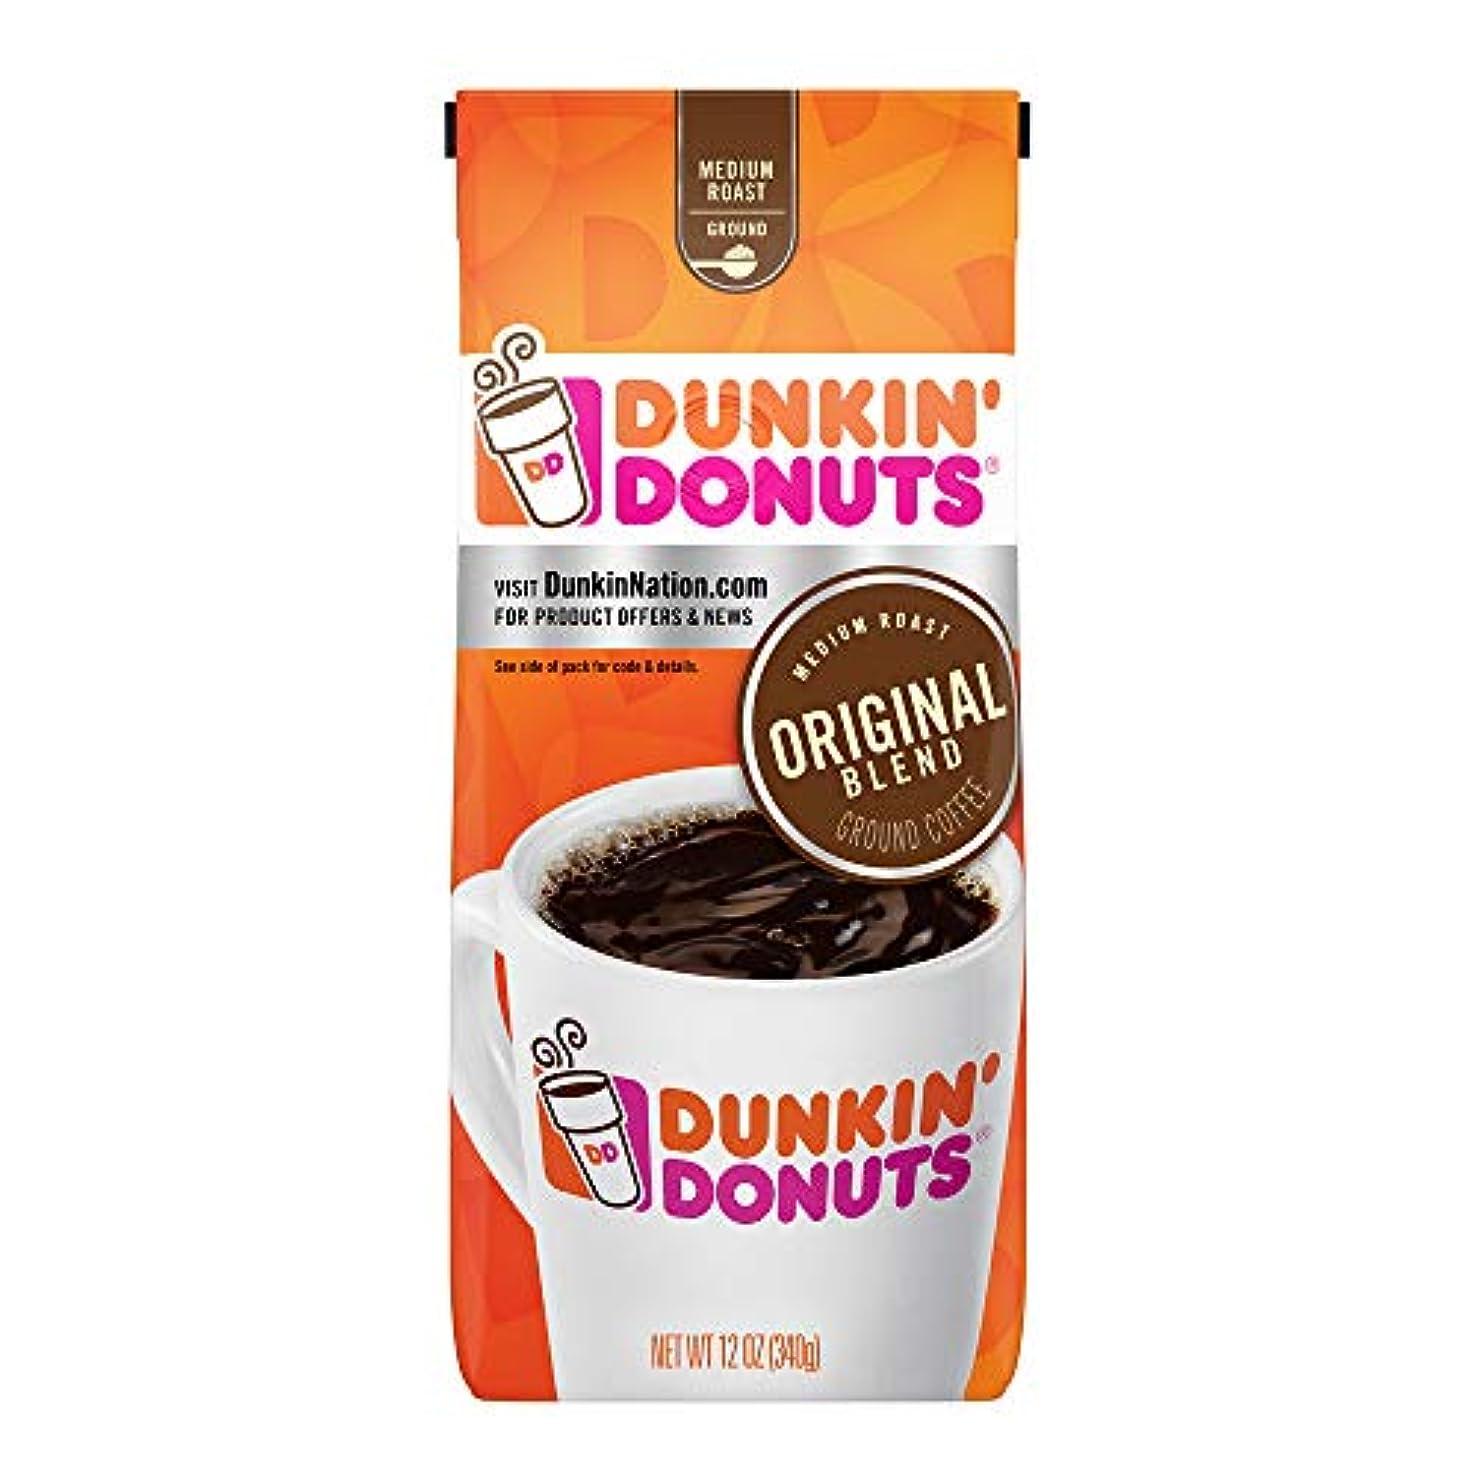 長椅子フェローシップ泥だらけDunkin ' Donutsオリジナルブレンドグラウンドコーヒー